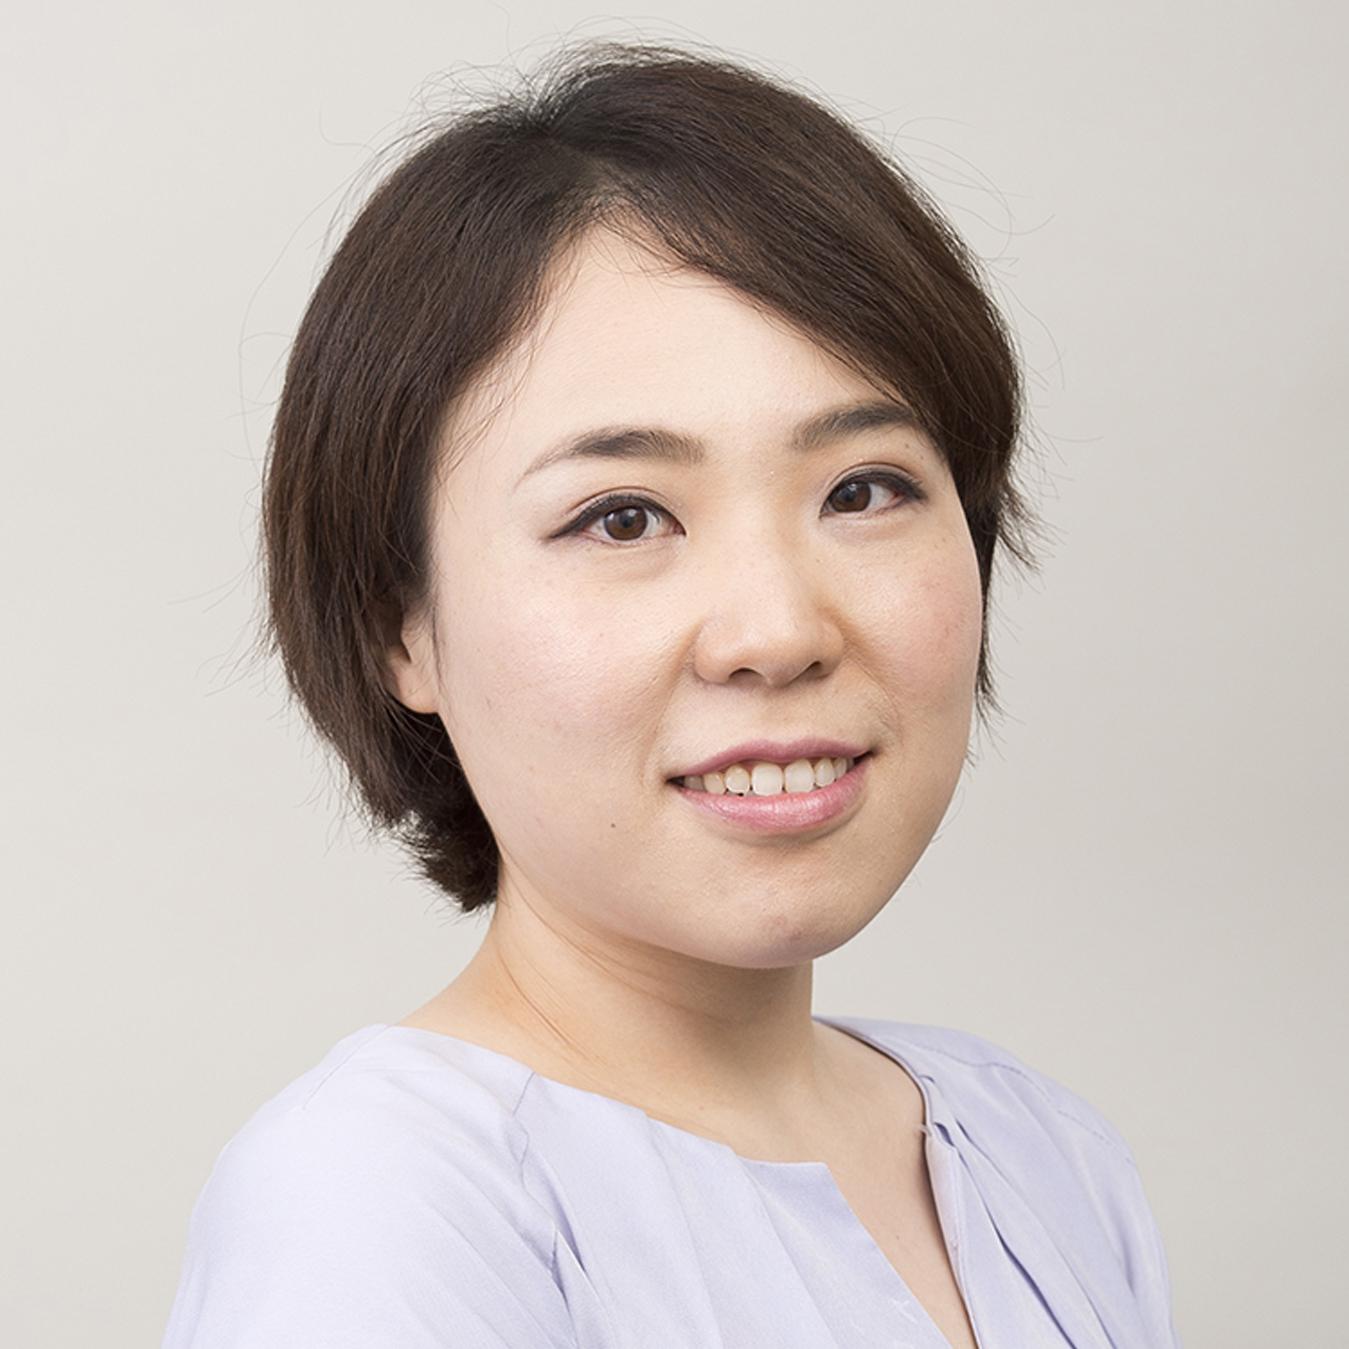 研究員 趙 唯琳 Weilin Zhao